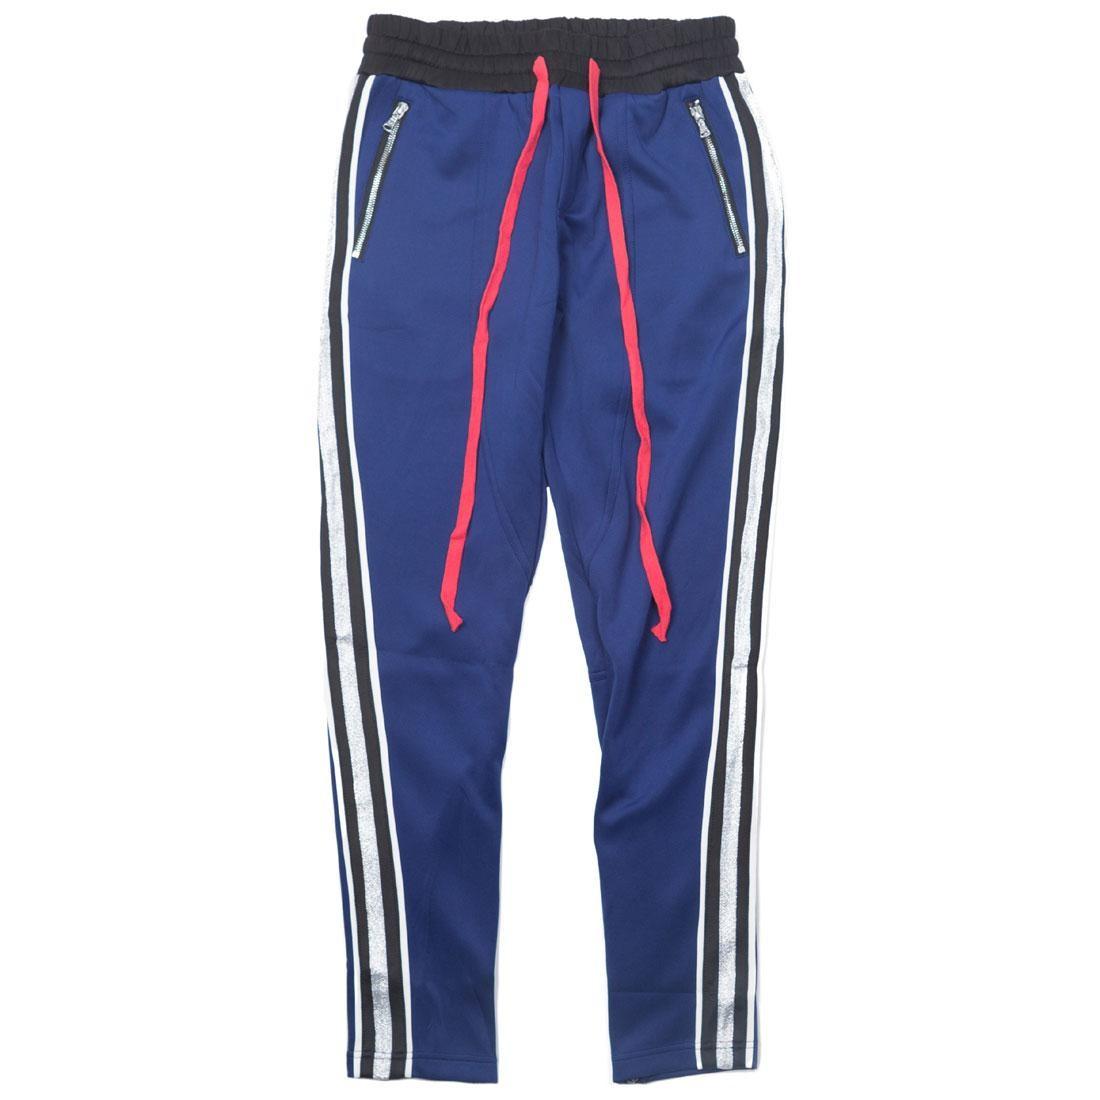 紺 ネイビー 【 NAVY LIFTED ANCHORS MEN JENNER PANTS 】 メンズファッション ズボン パンツ